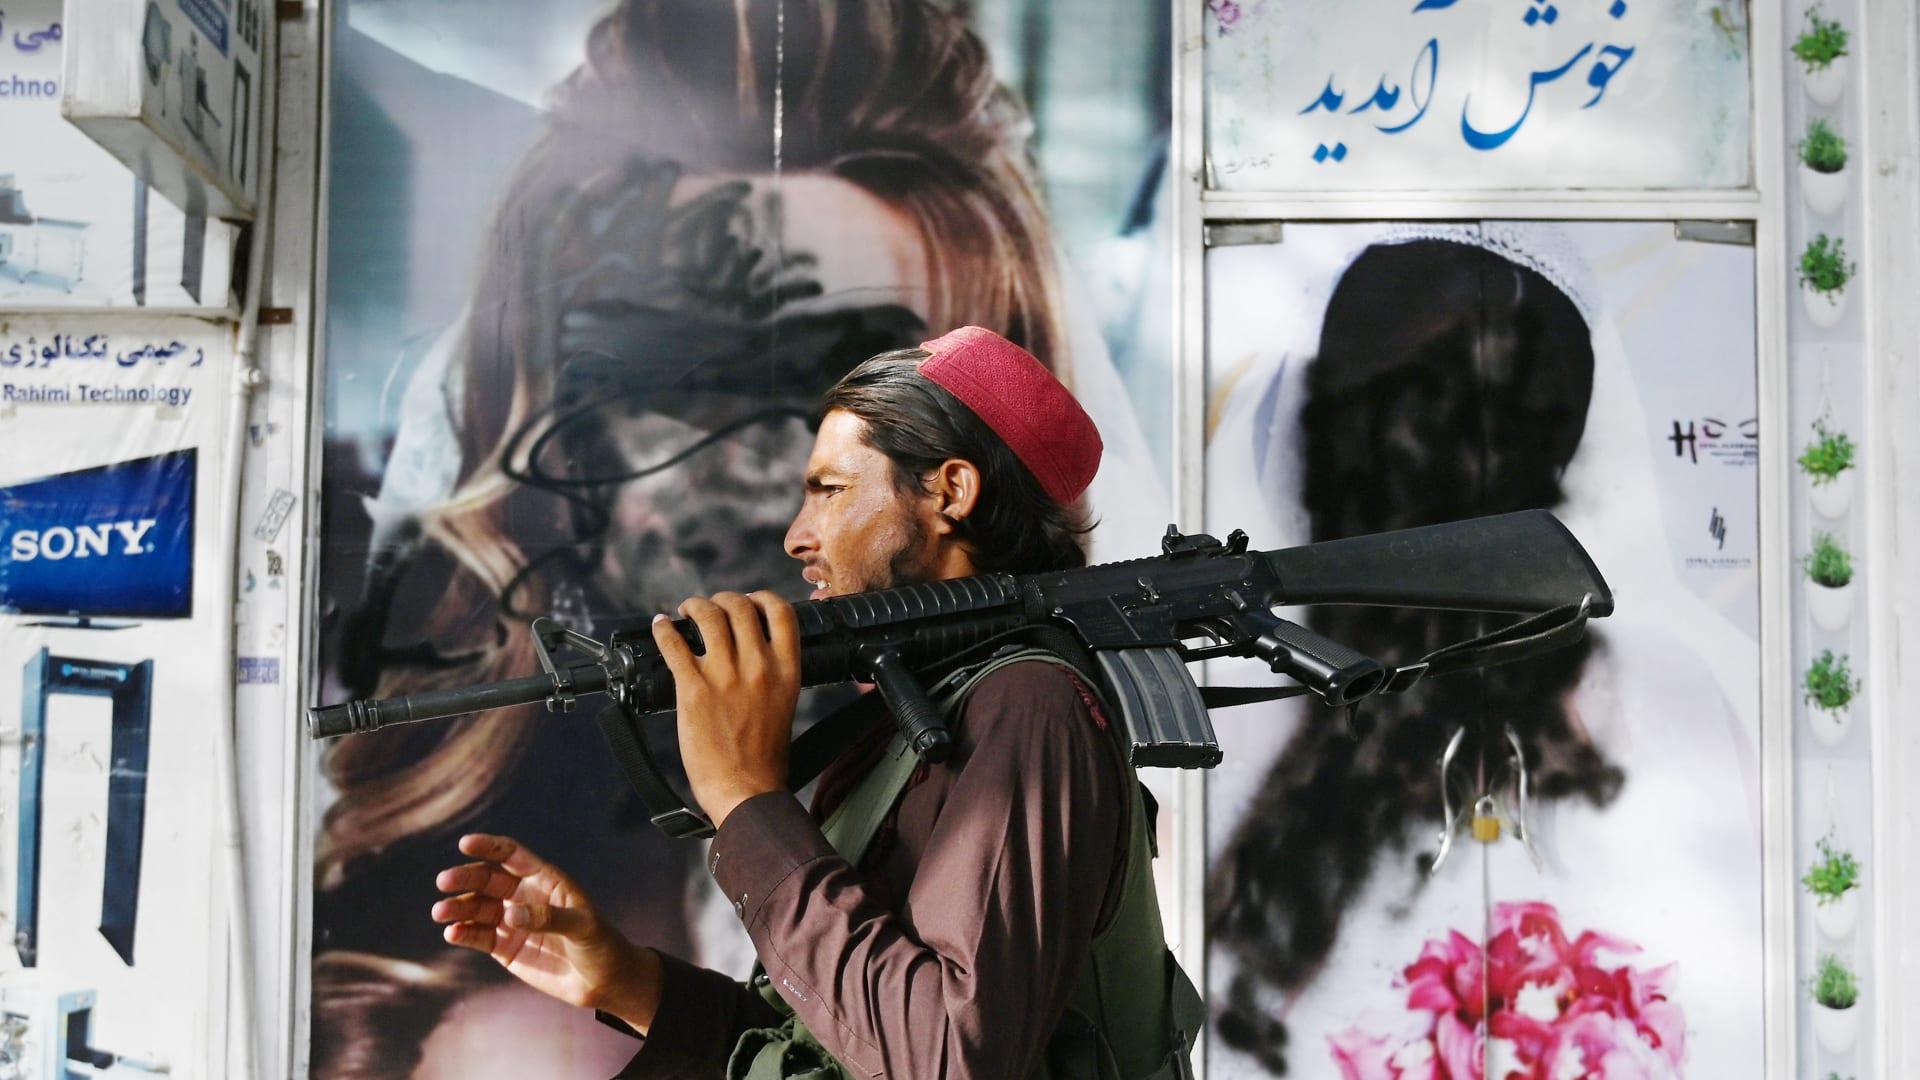 قاتل من طالبان يمشي أمام صالون تجميل مع صور لنساء مشوهات بالطلاء بالرش في شار ناو في كابول في 18 أغسطس 2021